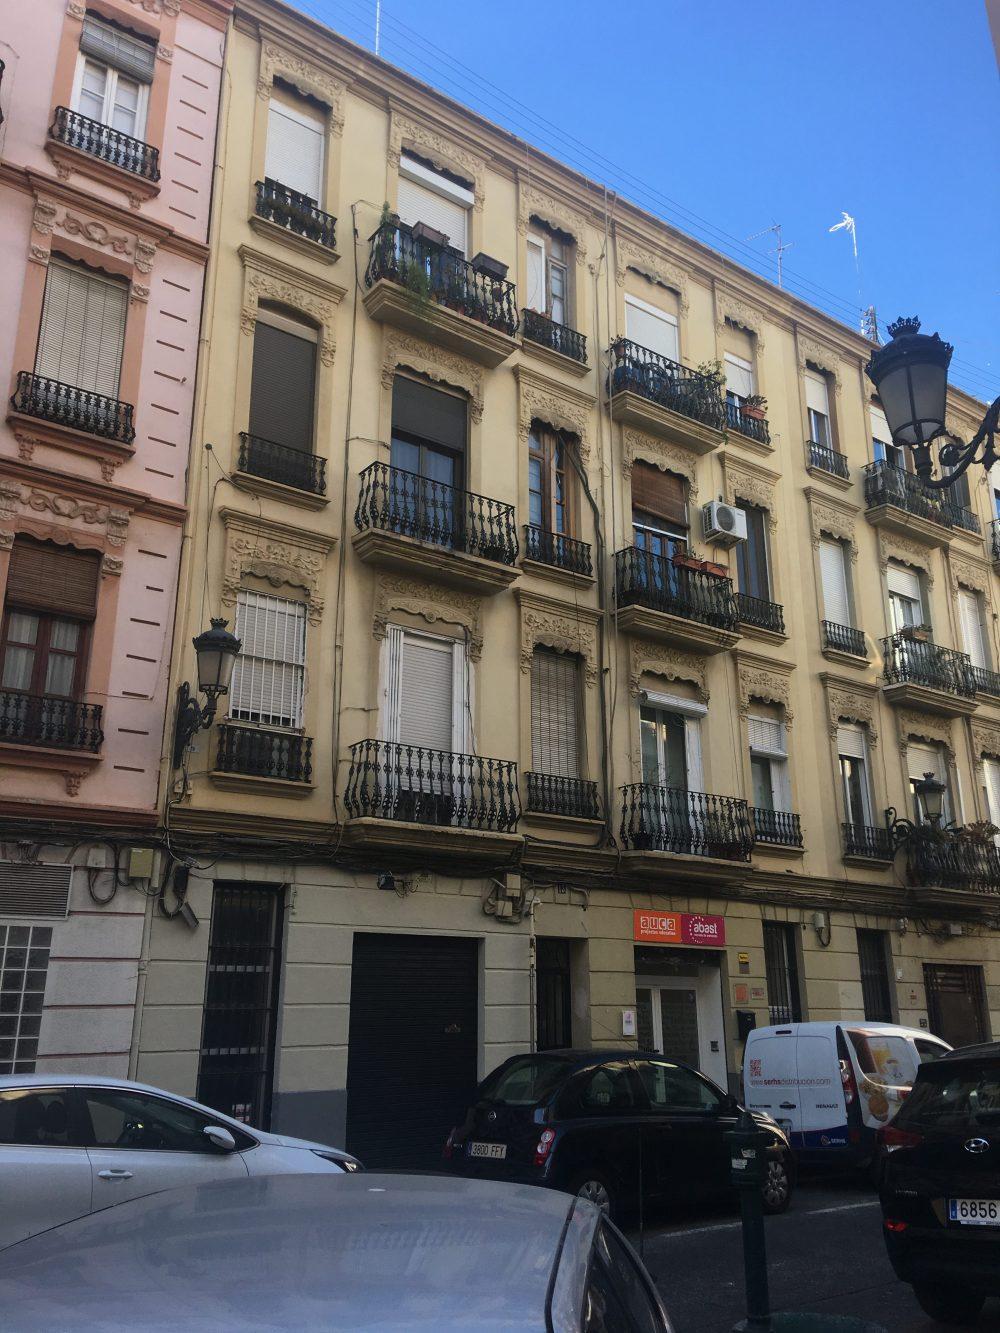 Fachada de edificio protegido en Valencia